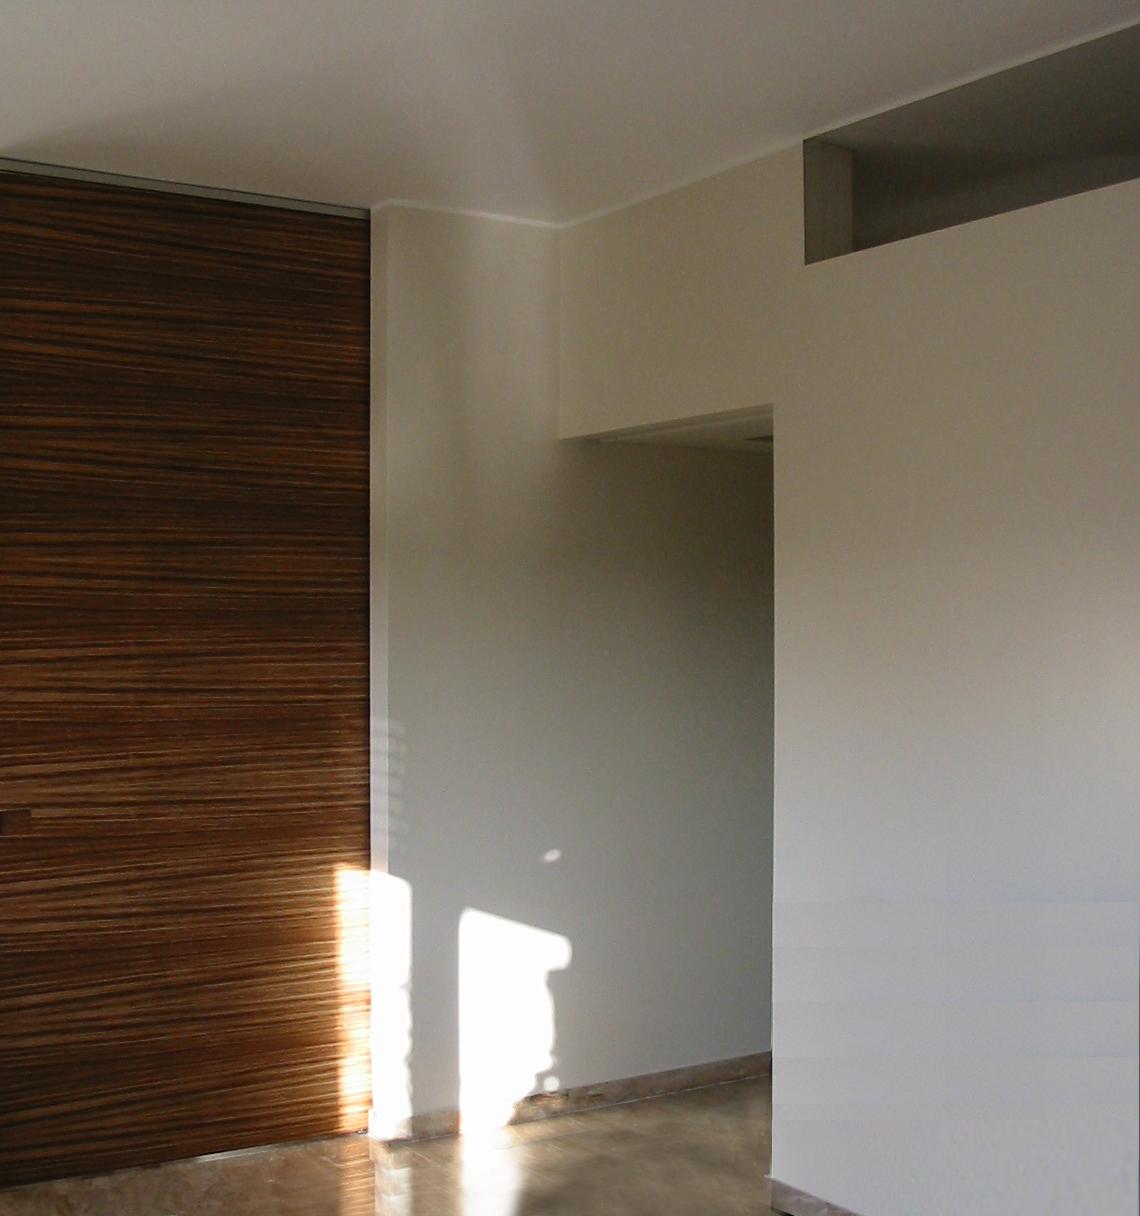 RE HOUSE – MILAN